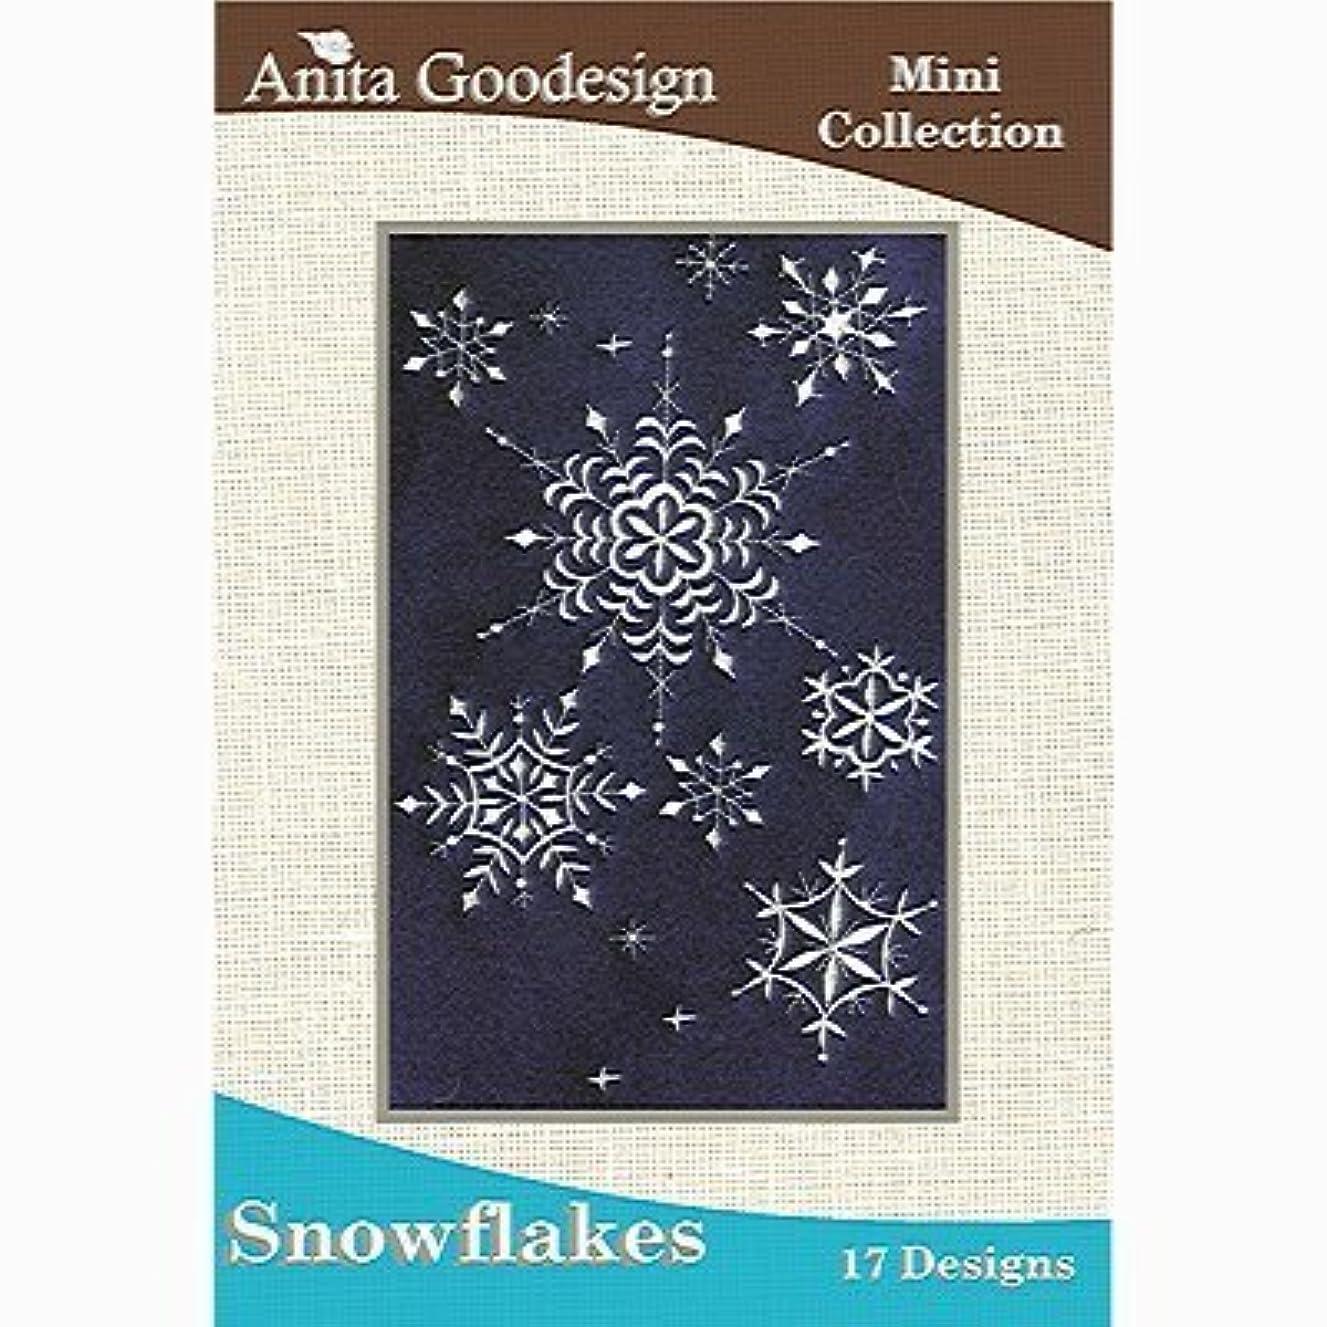 Anita Goodesign Embroidery Cd Snowflakes